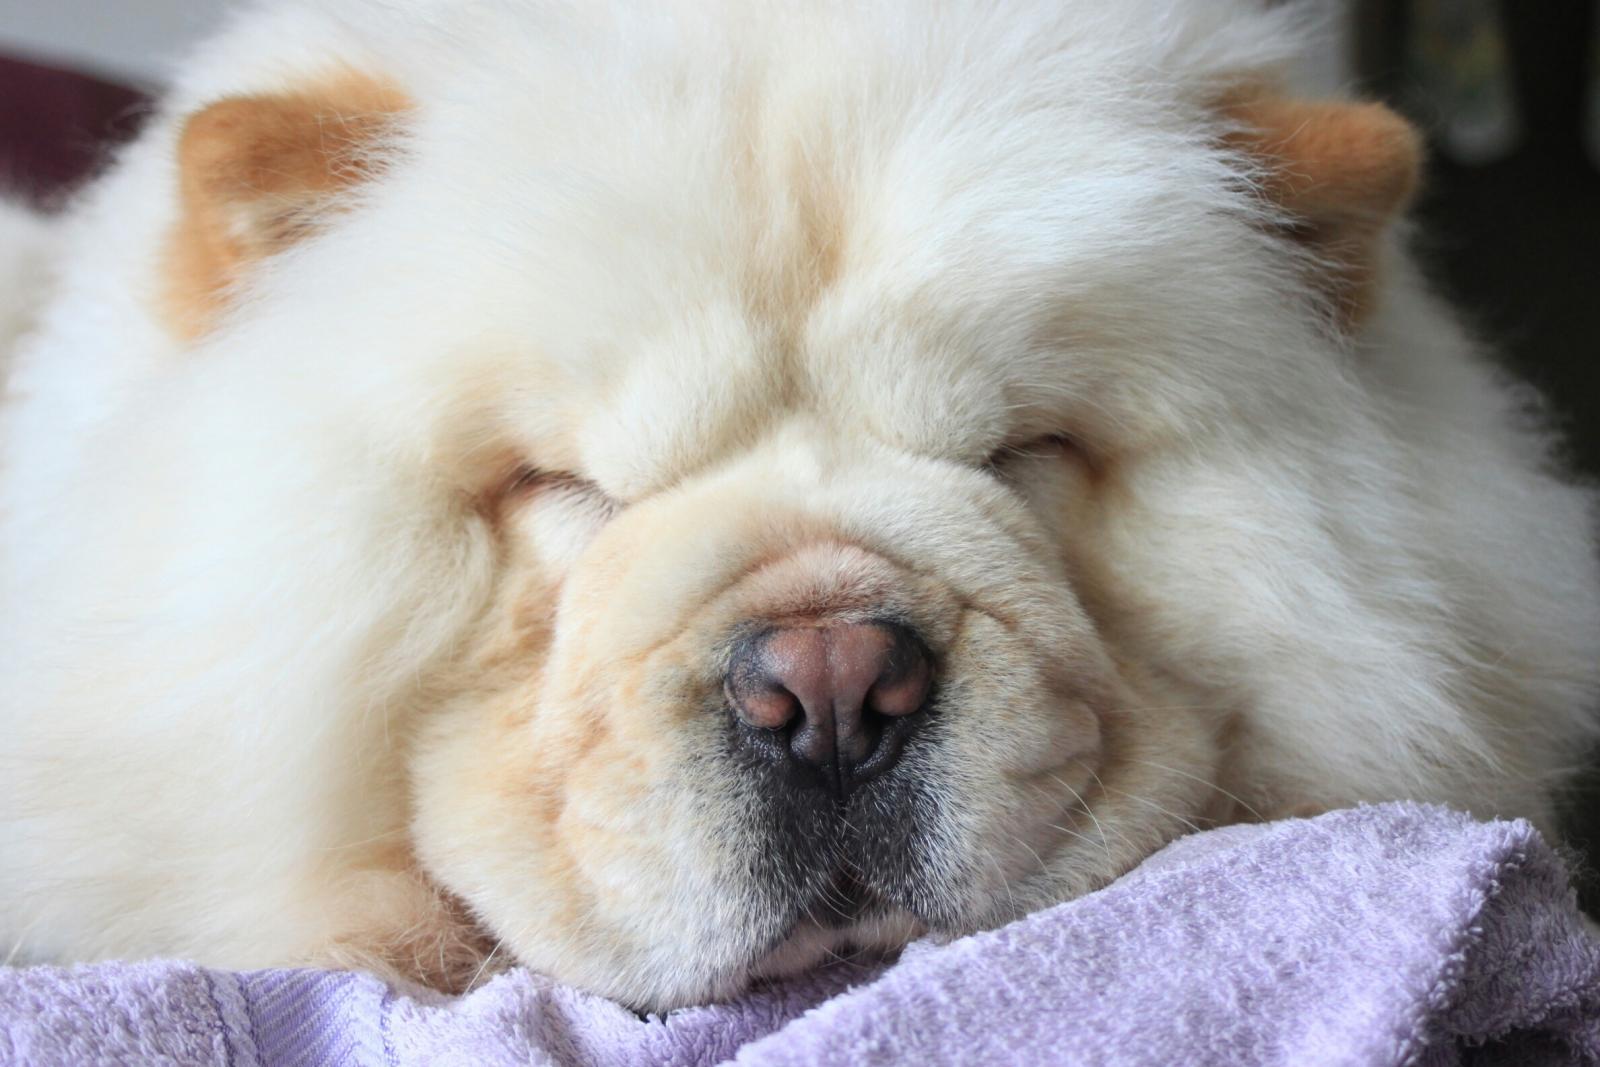 Hình ảnh chú chó chow chow đang ngủ trông rất cute